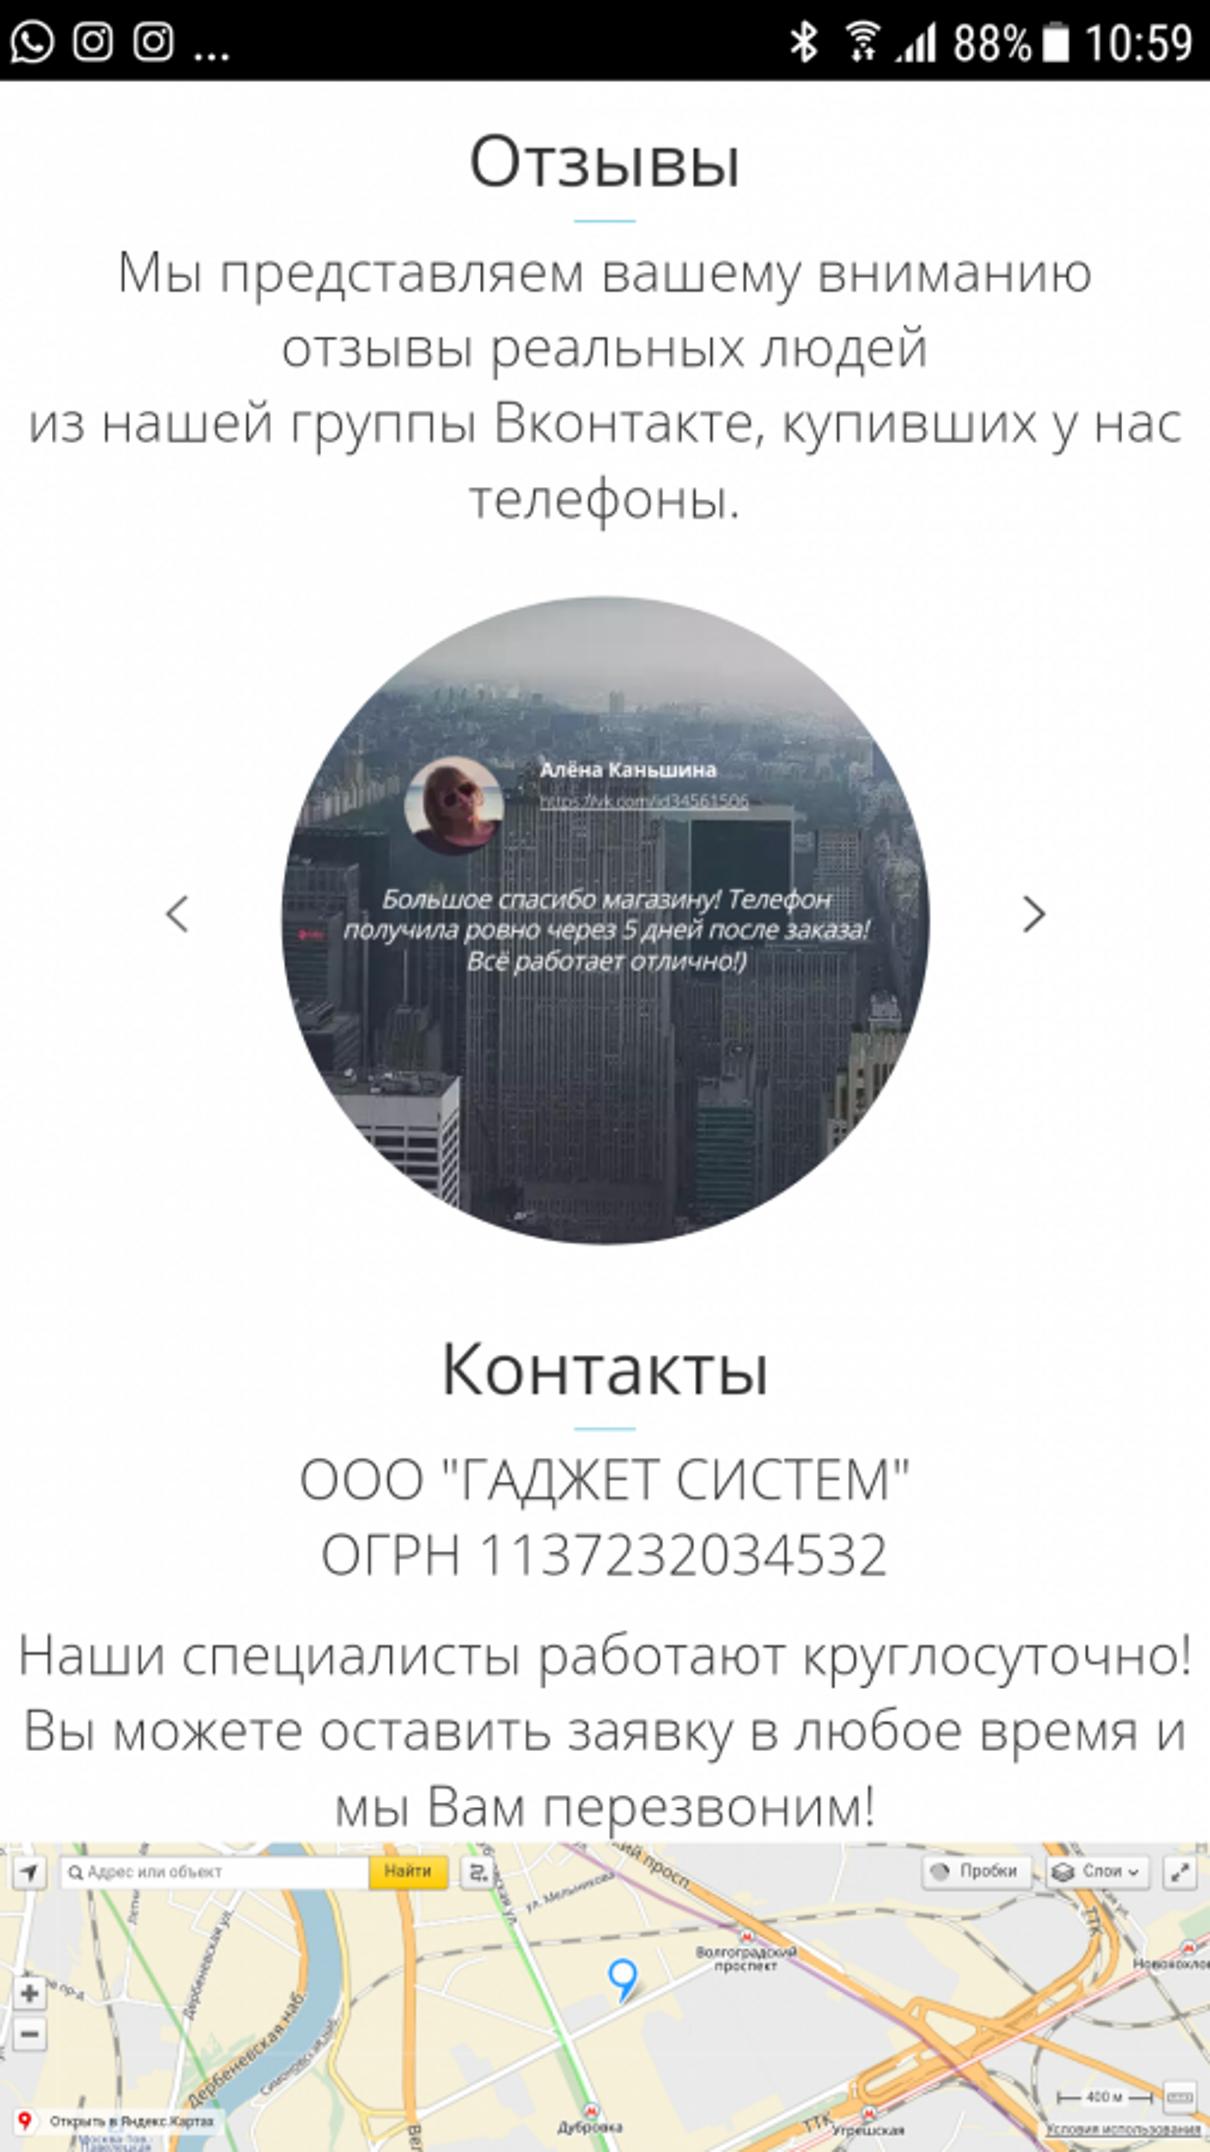 Жалоба-отзыв: Samsung.mytopsale.ru - Samsung.mytopsale.ru очередной сайт мошенников.  Фото №2